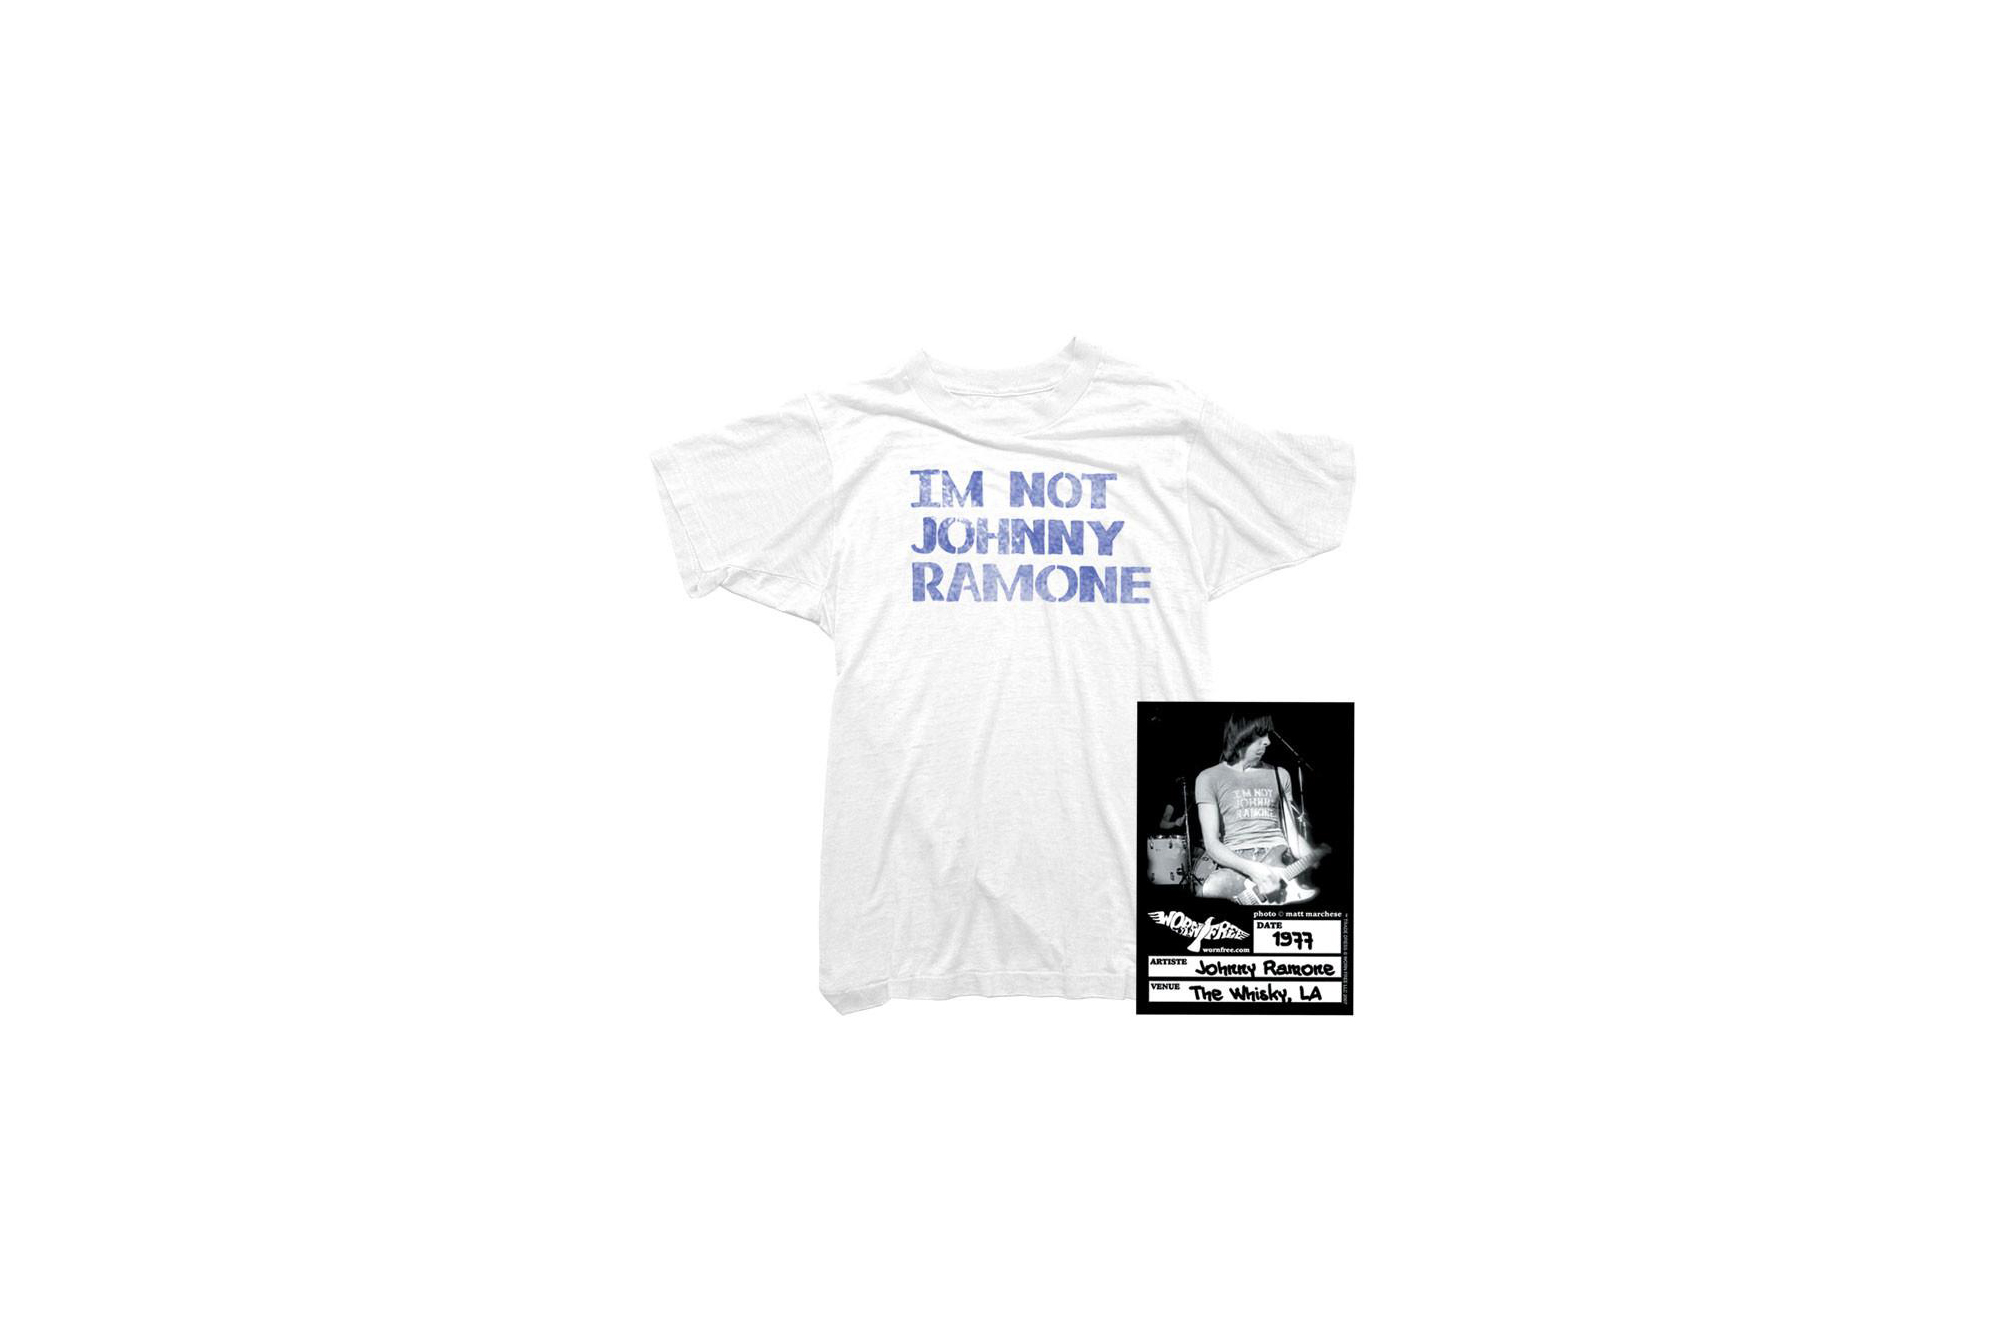 WORN FREE (ウォーンフリー) IM NOT JOHNNY RAMONE RAMONES (ジョニー・ラモーン ラモーンズ) 1977 THE WHISKY.LA プリントTシャツ バンドTシャツ ロックTシャツ WHITE(ホワイト) MADE IN USA (アメリカ製) 2018春夏 wornfree ウォーンフリー 愛知 名古屋 Alto e Diritto アルト エ デリット ramones ラモーンズ bandtee rocktee